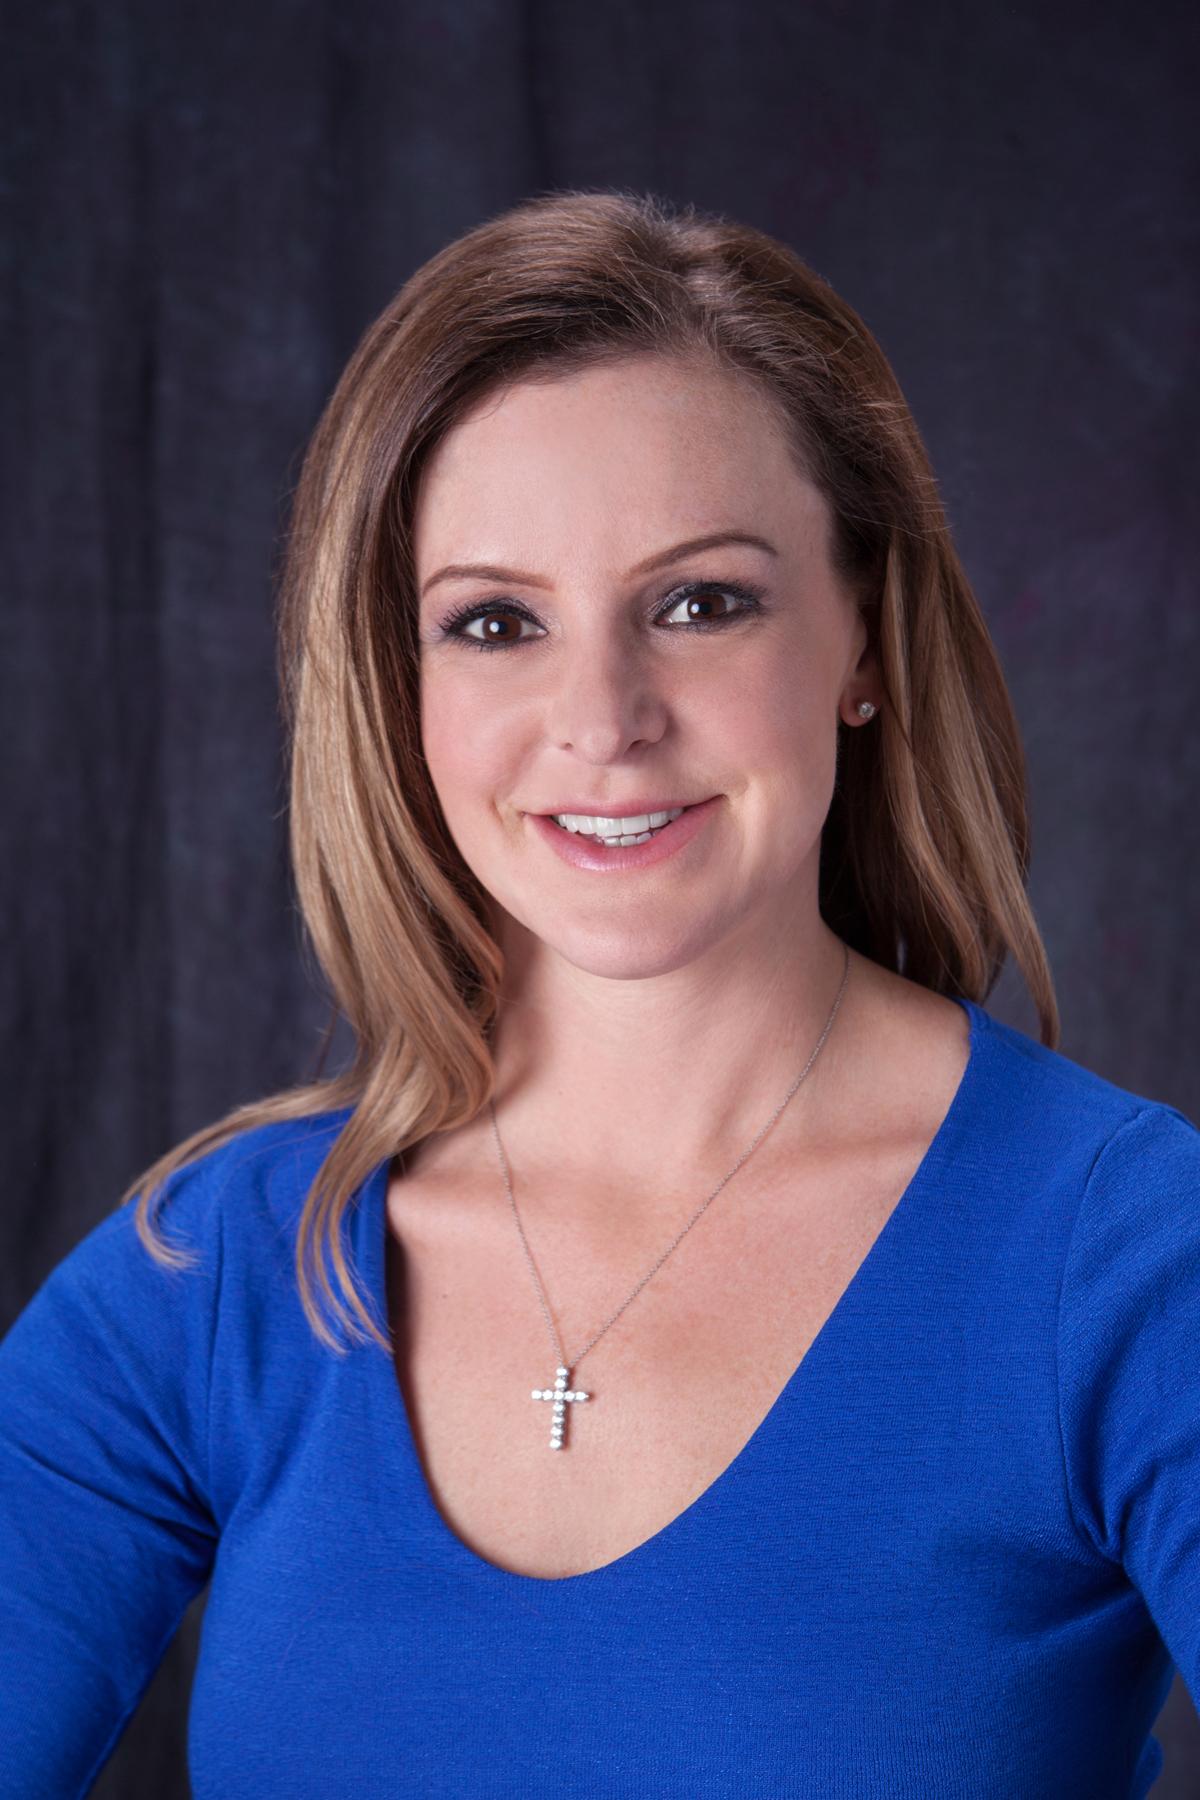 Tania Jackson